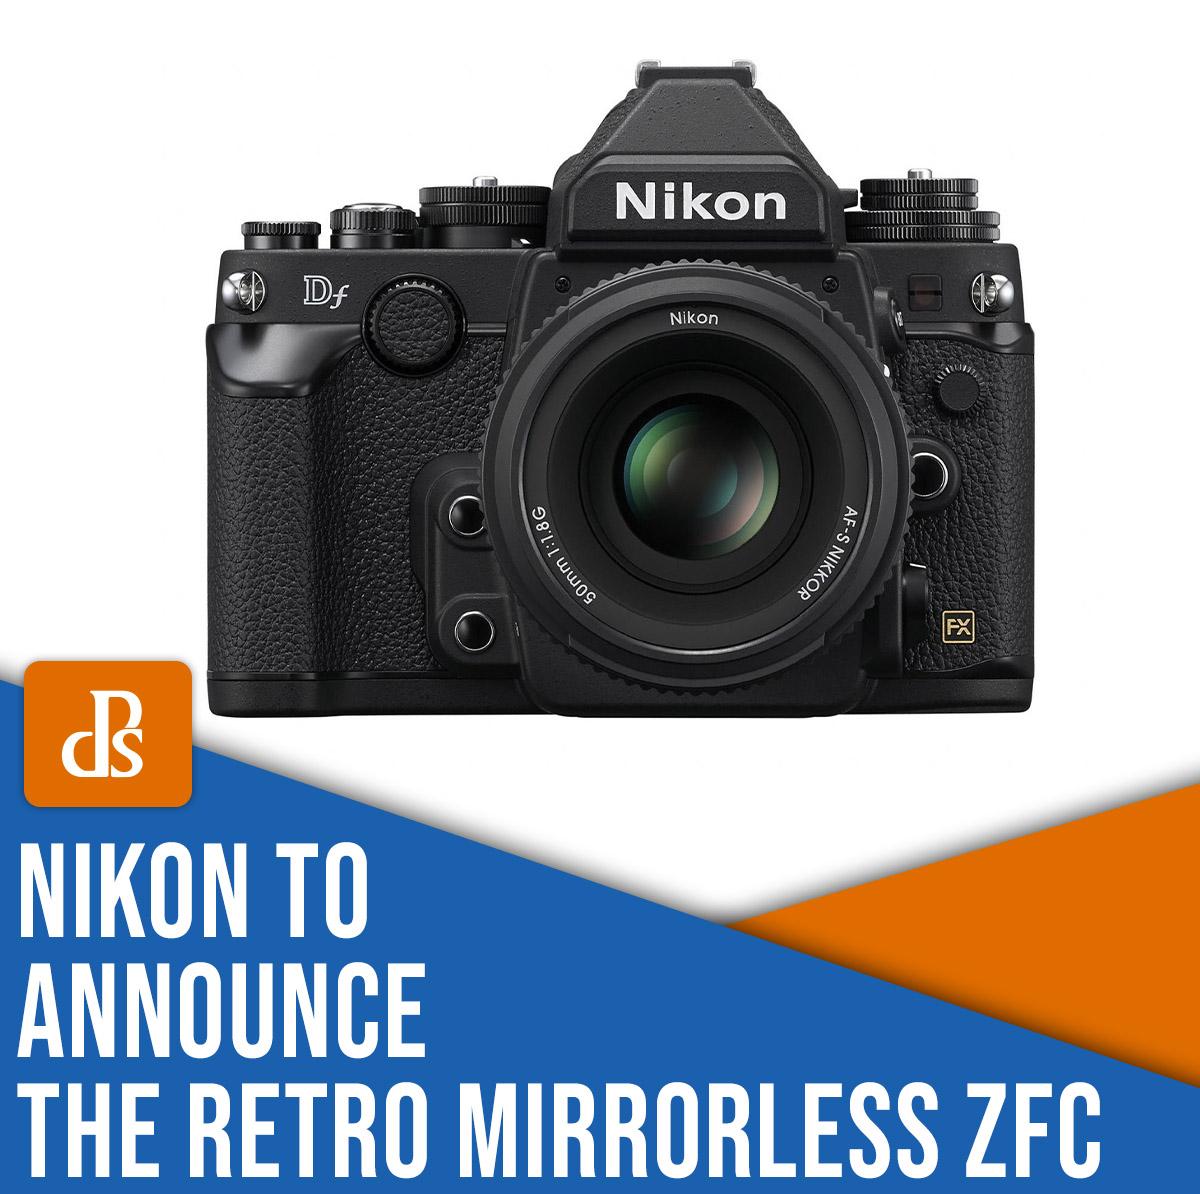 Nikon to announce the retro mirrorless Zfc